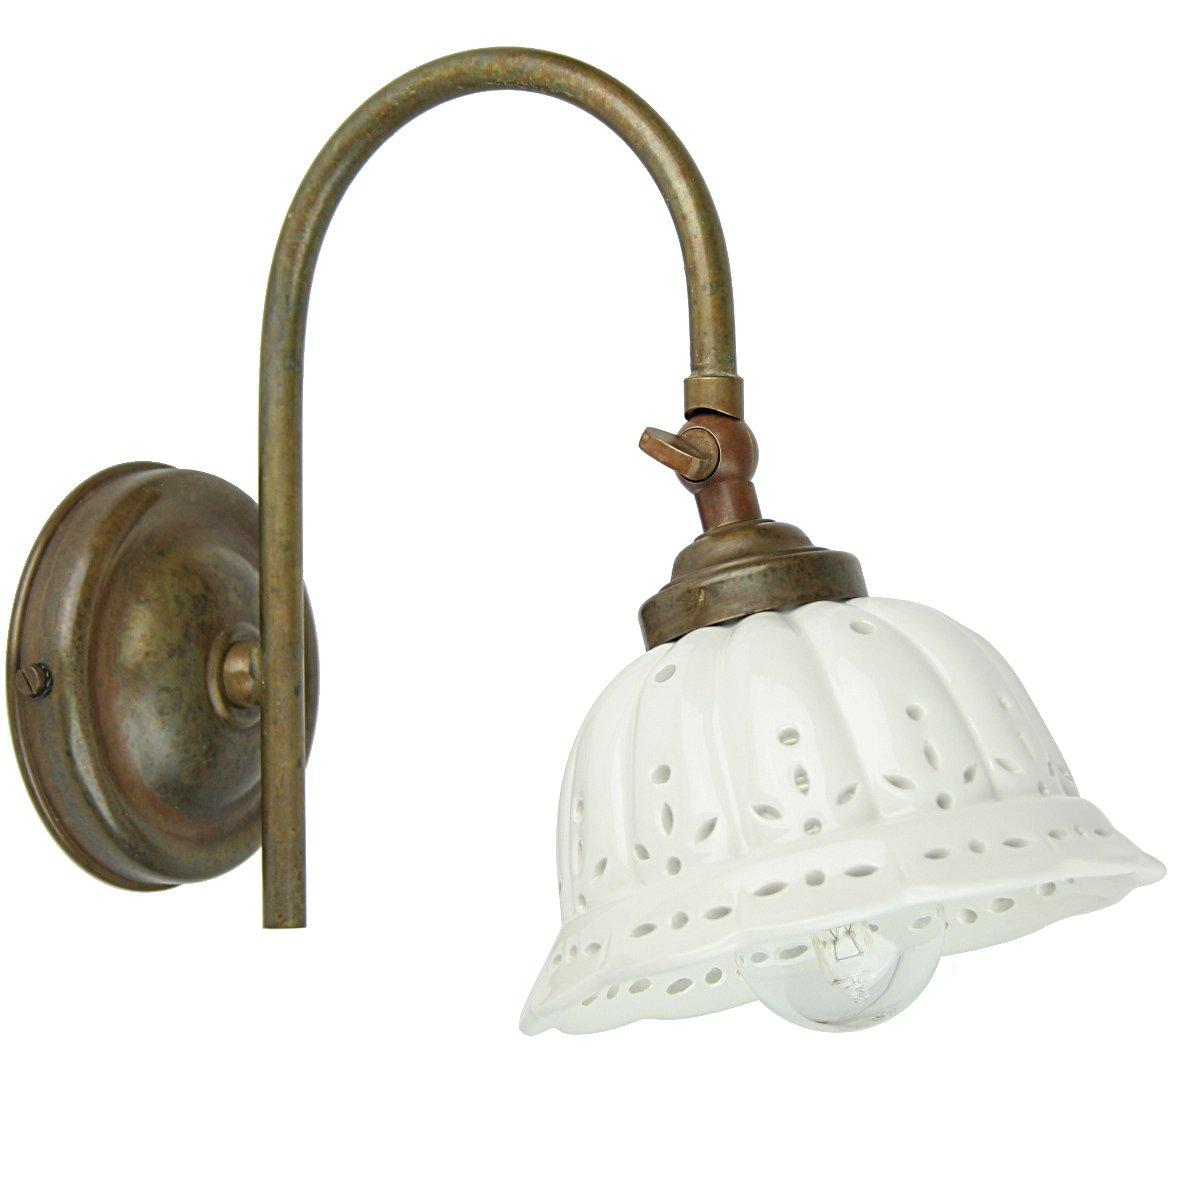 klassische wandlampe anita aus kunstvoll patiniertem messing mit keramikschirm von il fanale. Black Bedroom Furniture Sets. Home Design Ideas